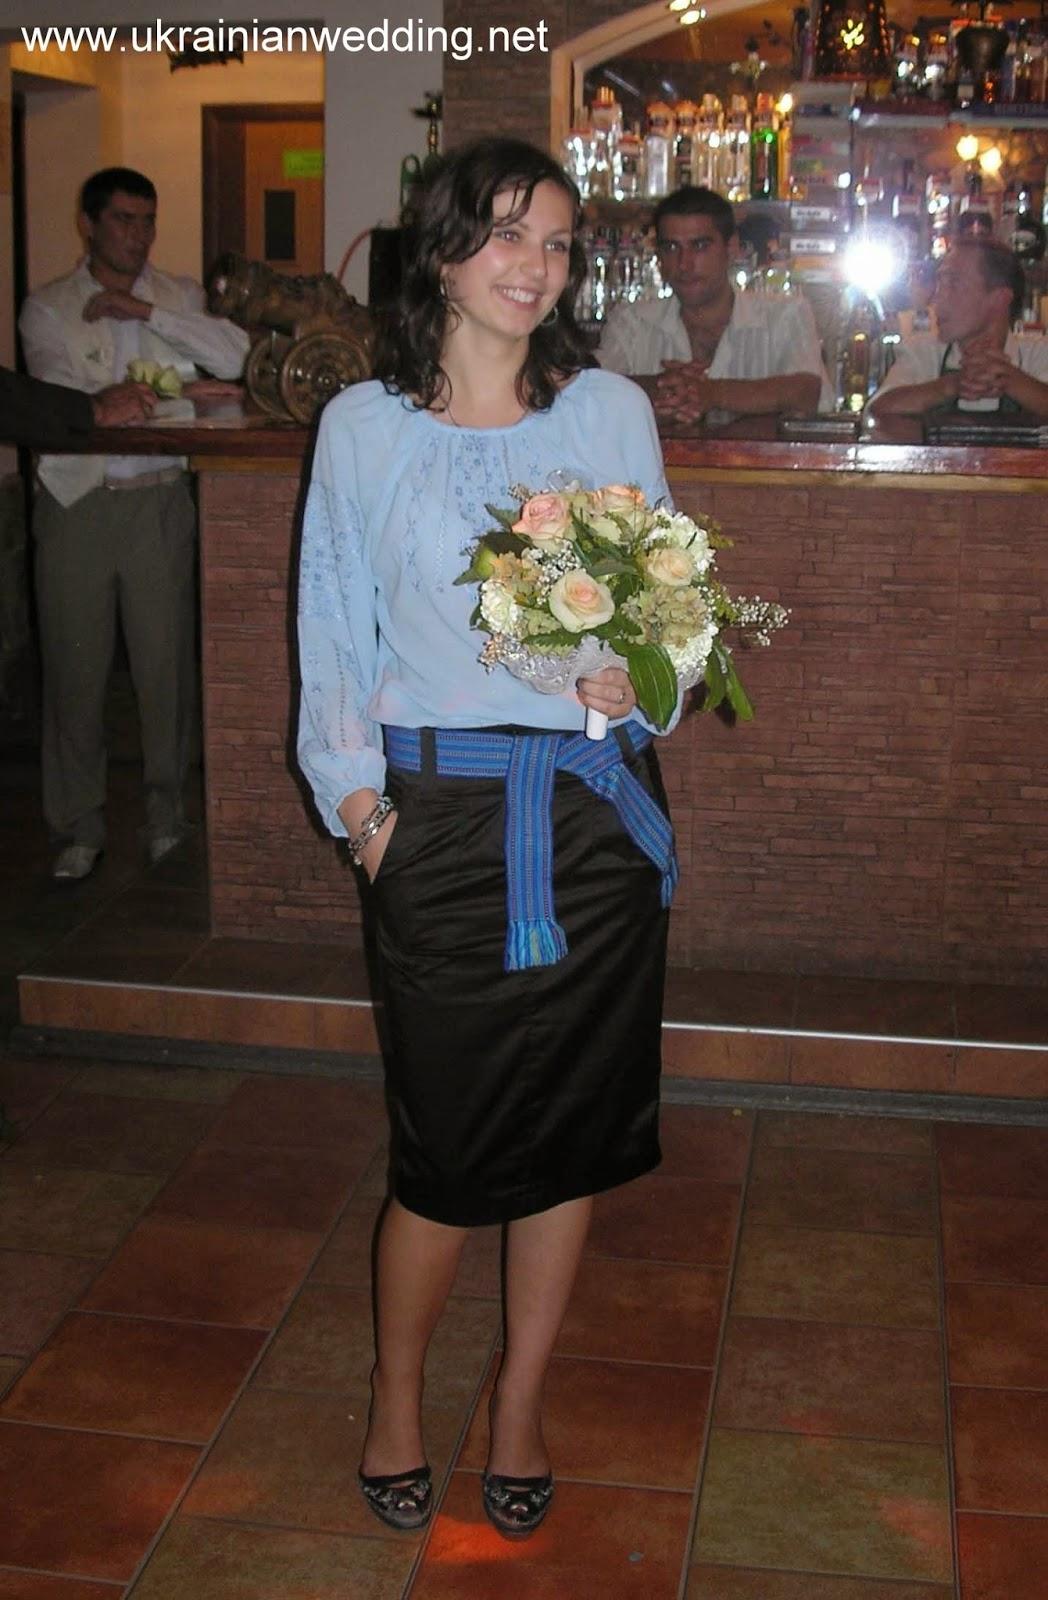 Незаміжня дівчина упіймала букет нареченої на весіллі